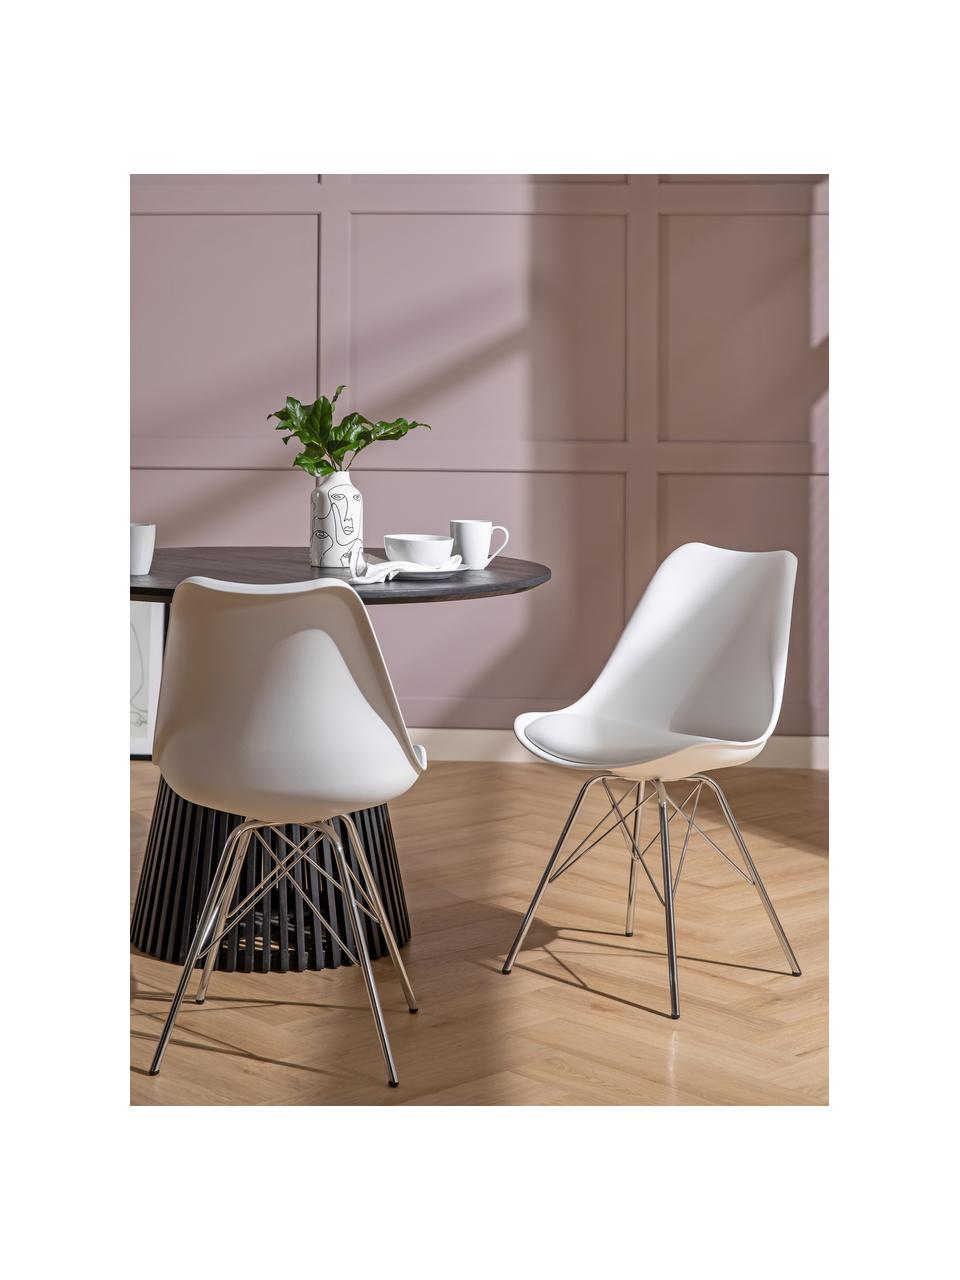 Krzesło z tworzywa sztucznego Eris, 2 szt., Nogi: metal chromowany, Biały, chrom, S 49 x G 54 cm